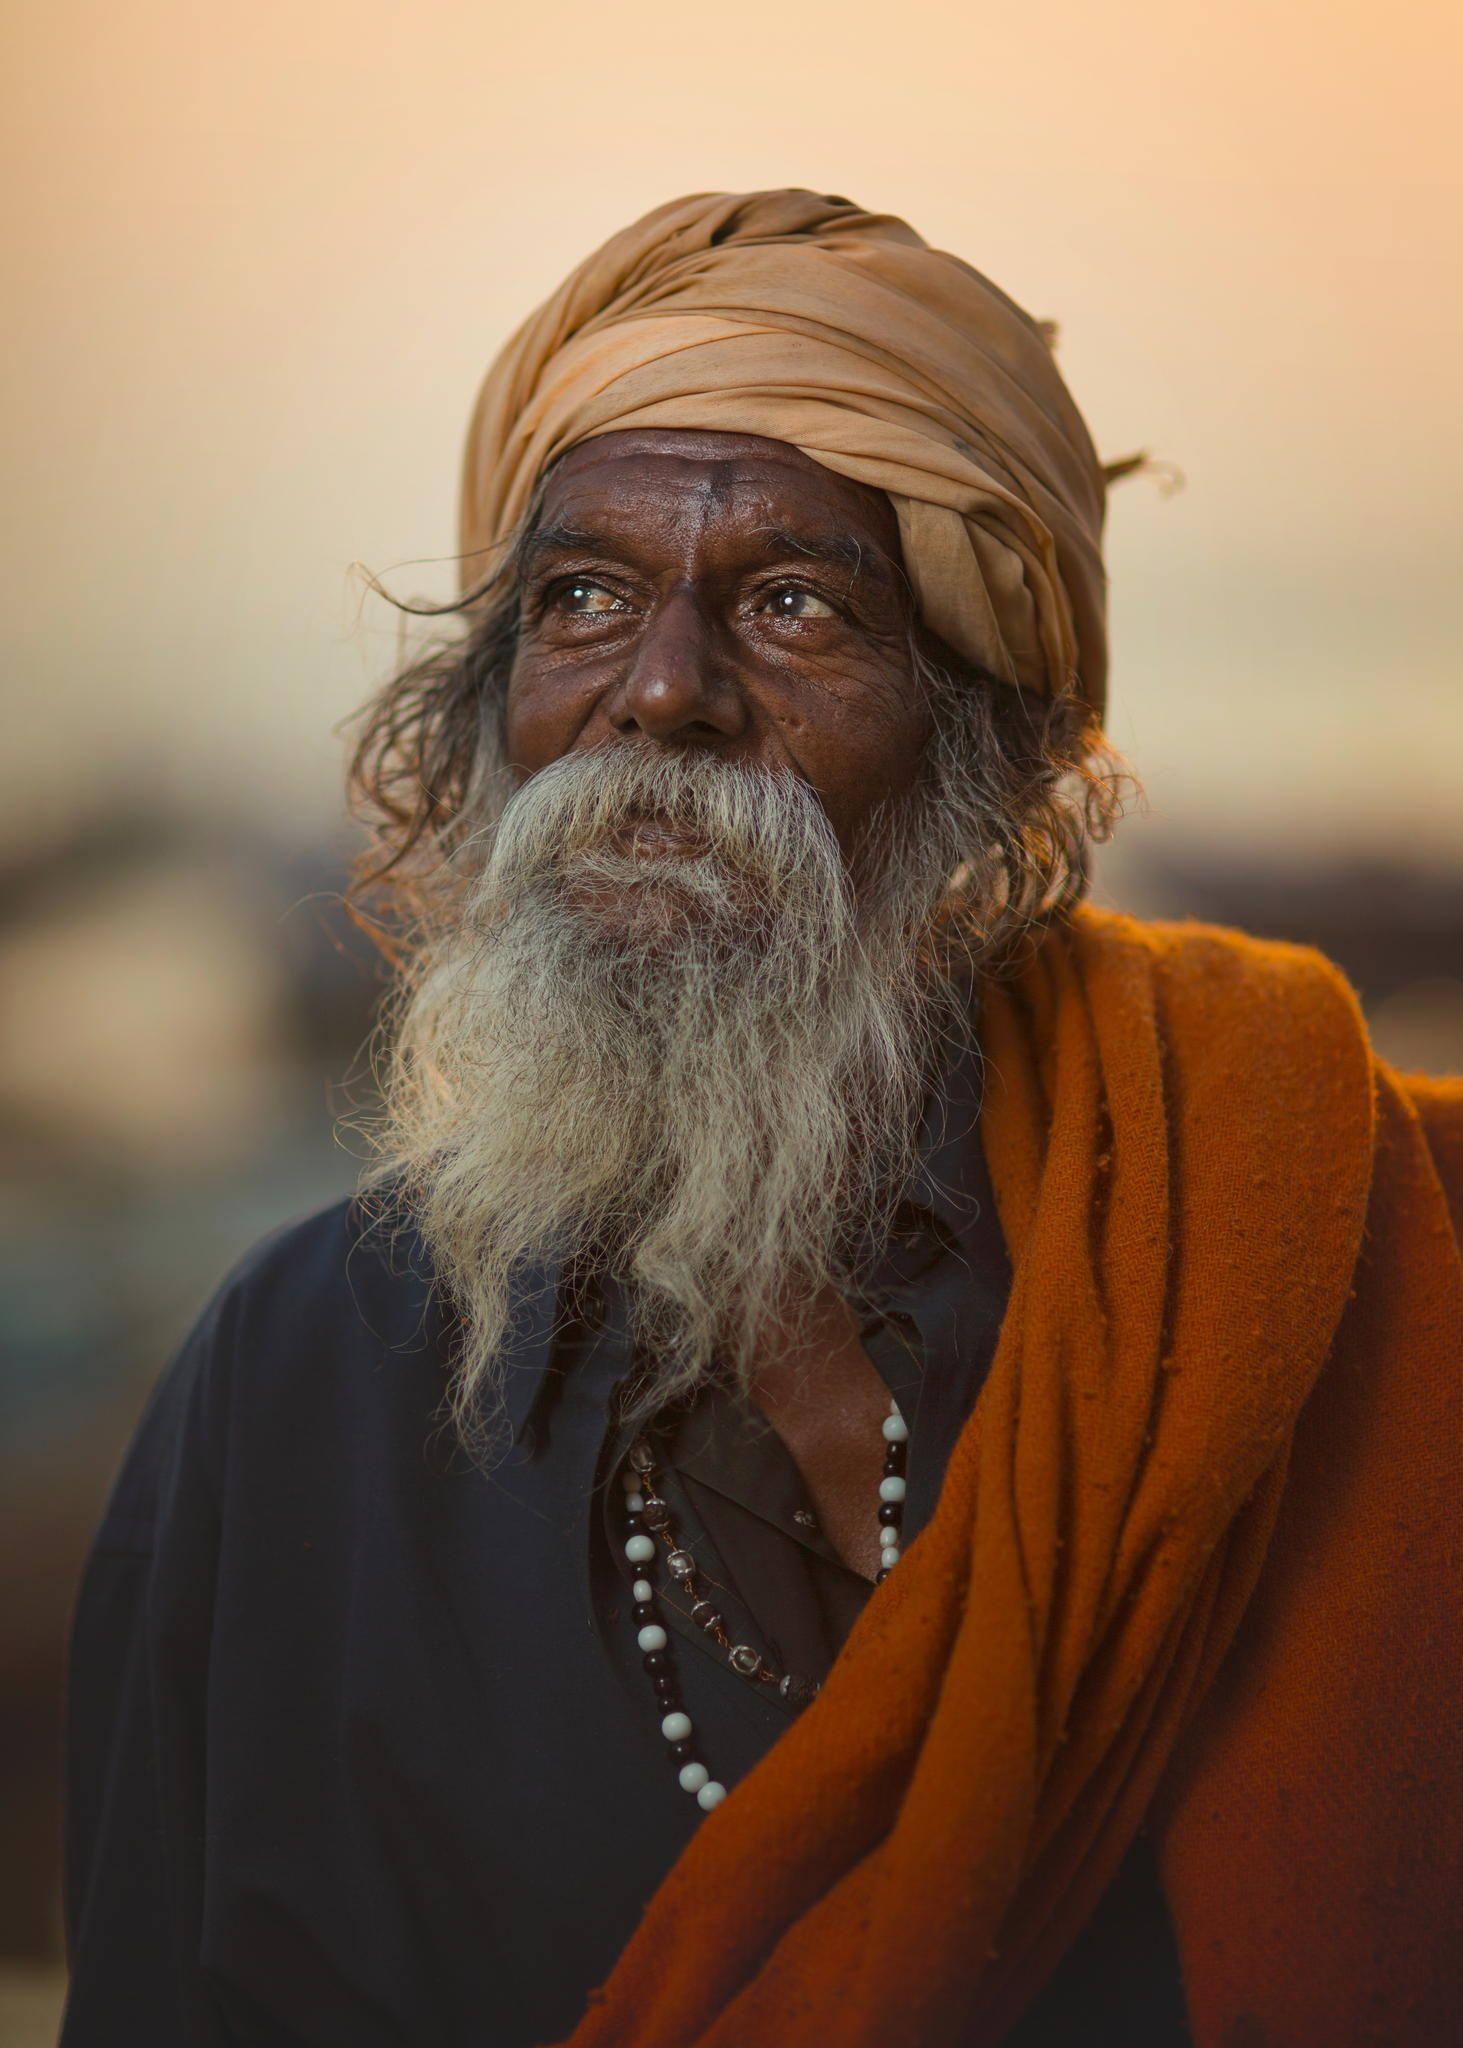 Sadhu Hindu Holy man in Varanasi, India Fotoideen